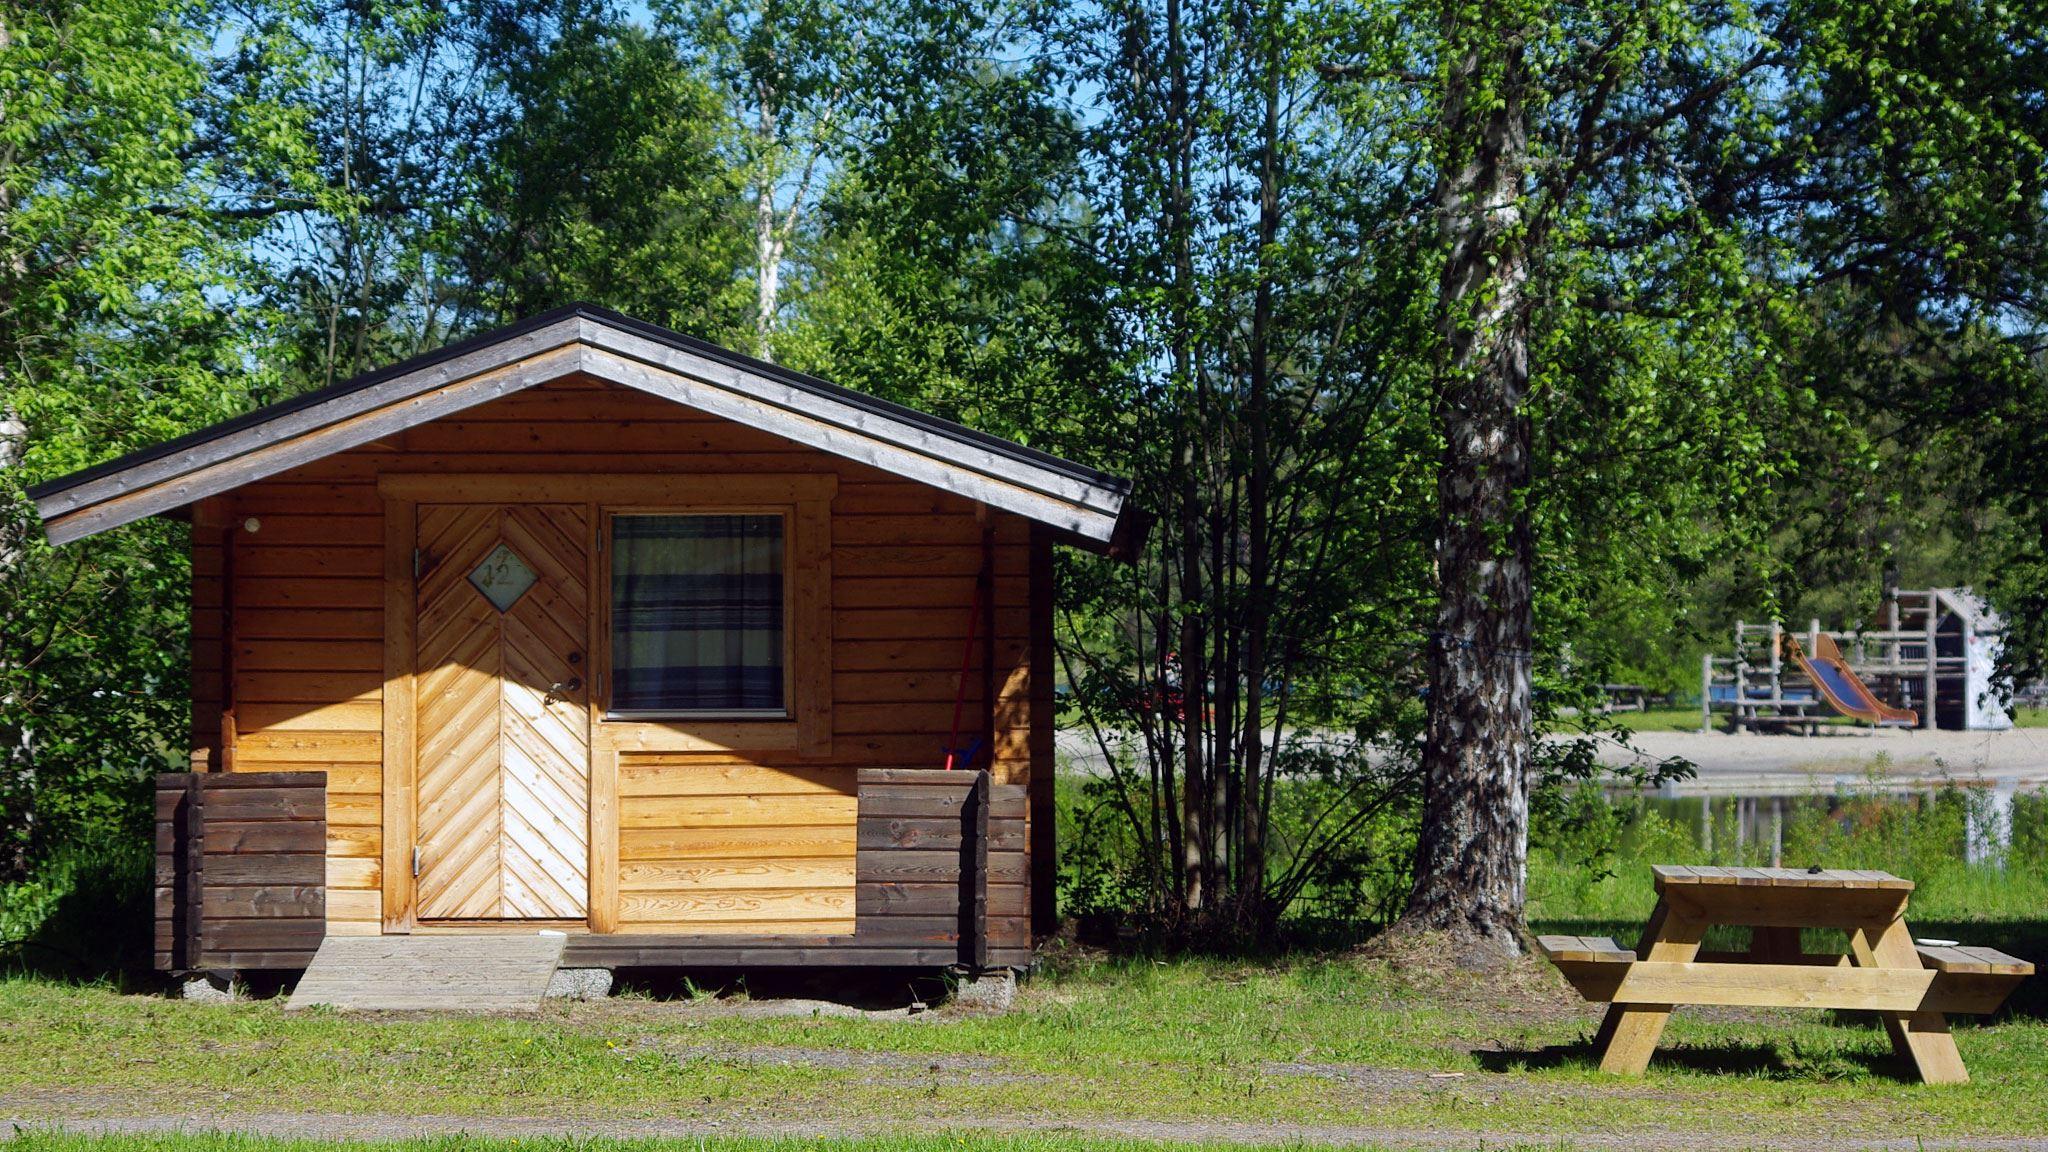 Foto: Lits Camping,  © Copy: Lits Camping, Timmerstuga 16 kvm är perfekt för campinglivet.